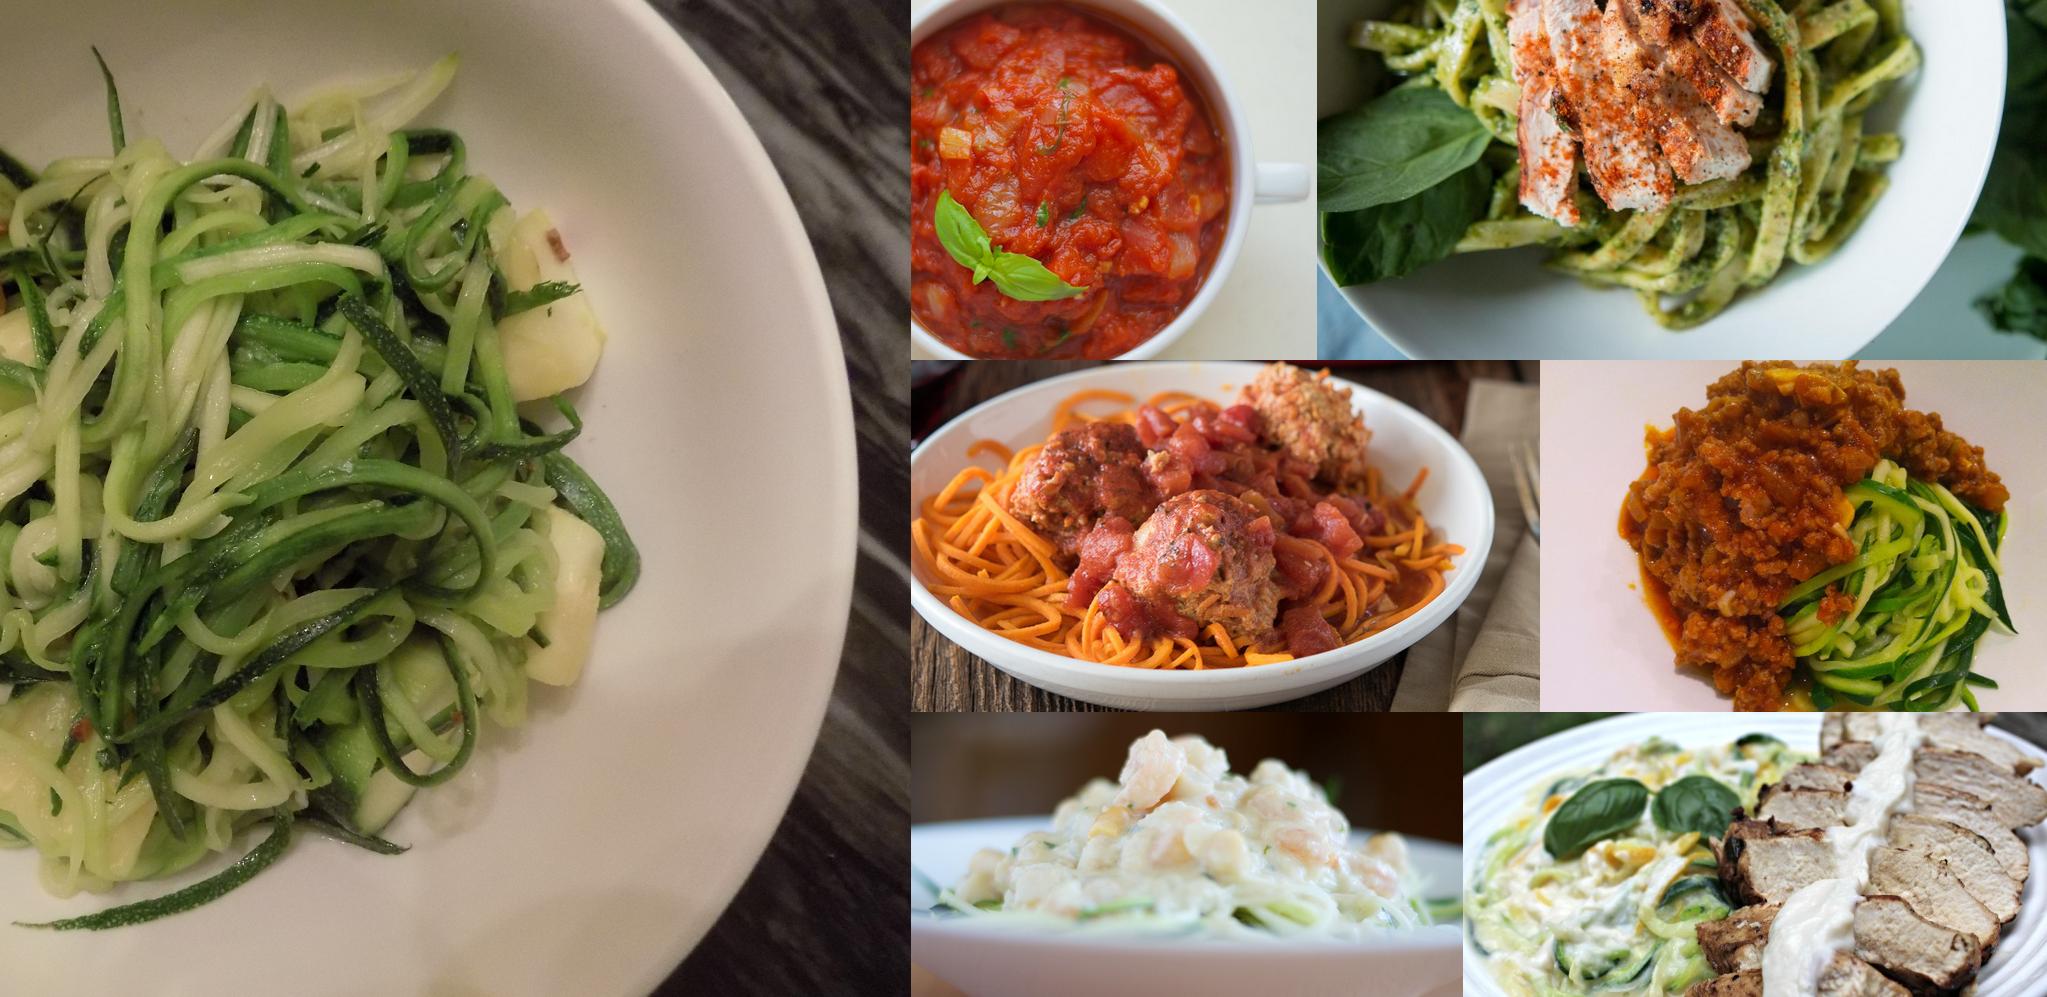 zucchini and sauce